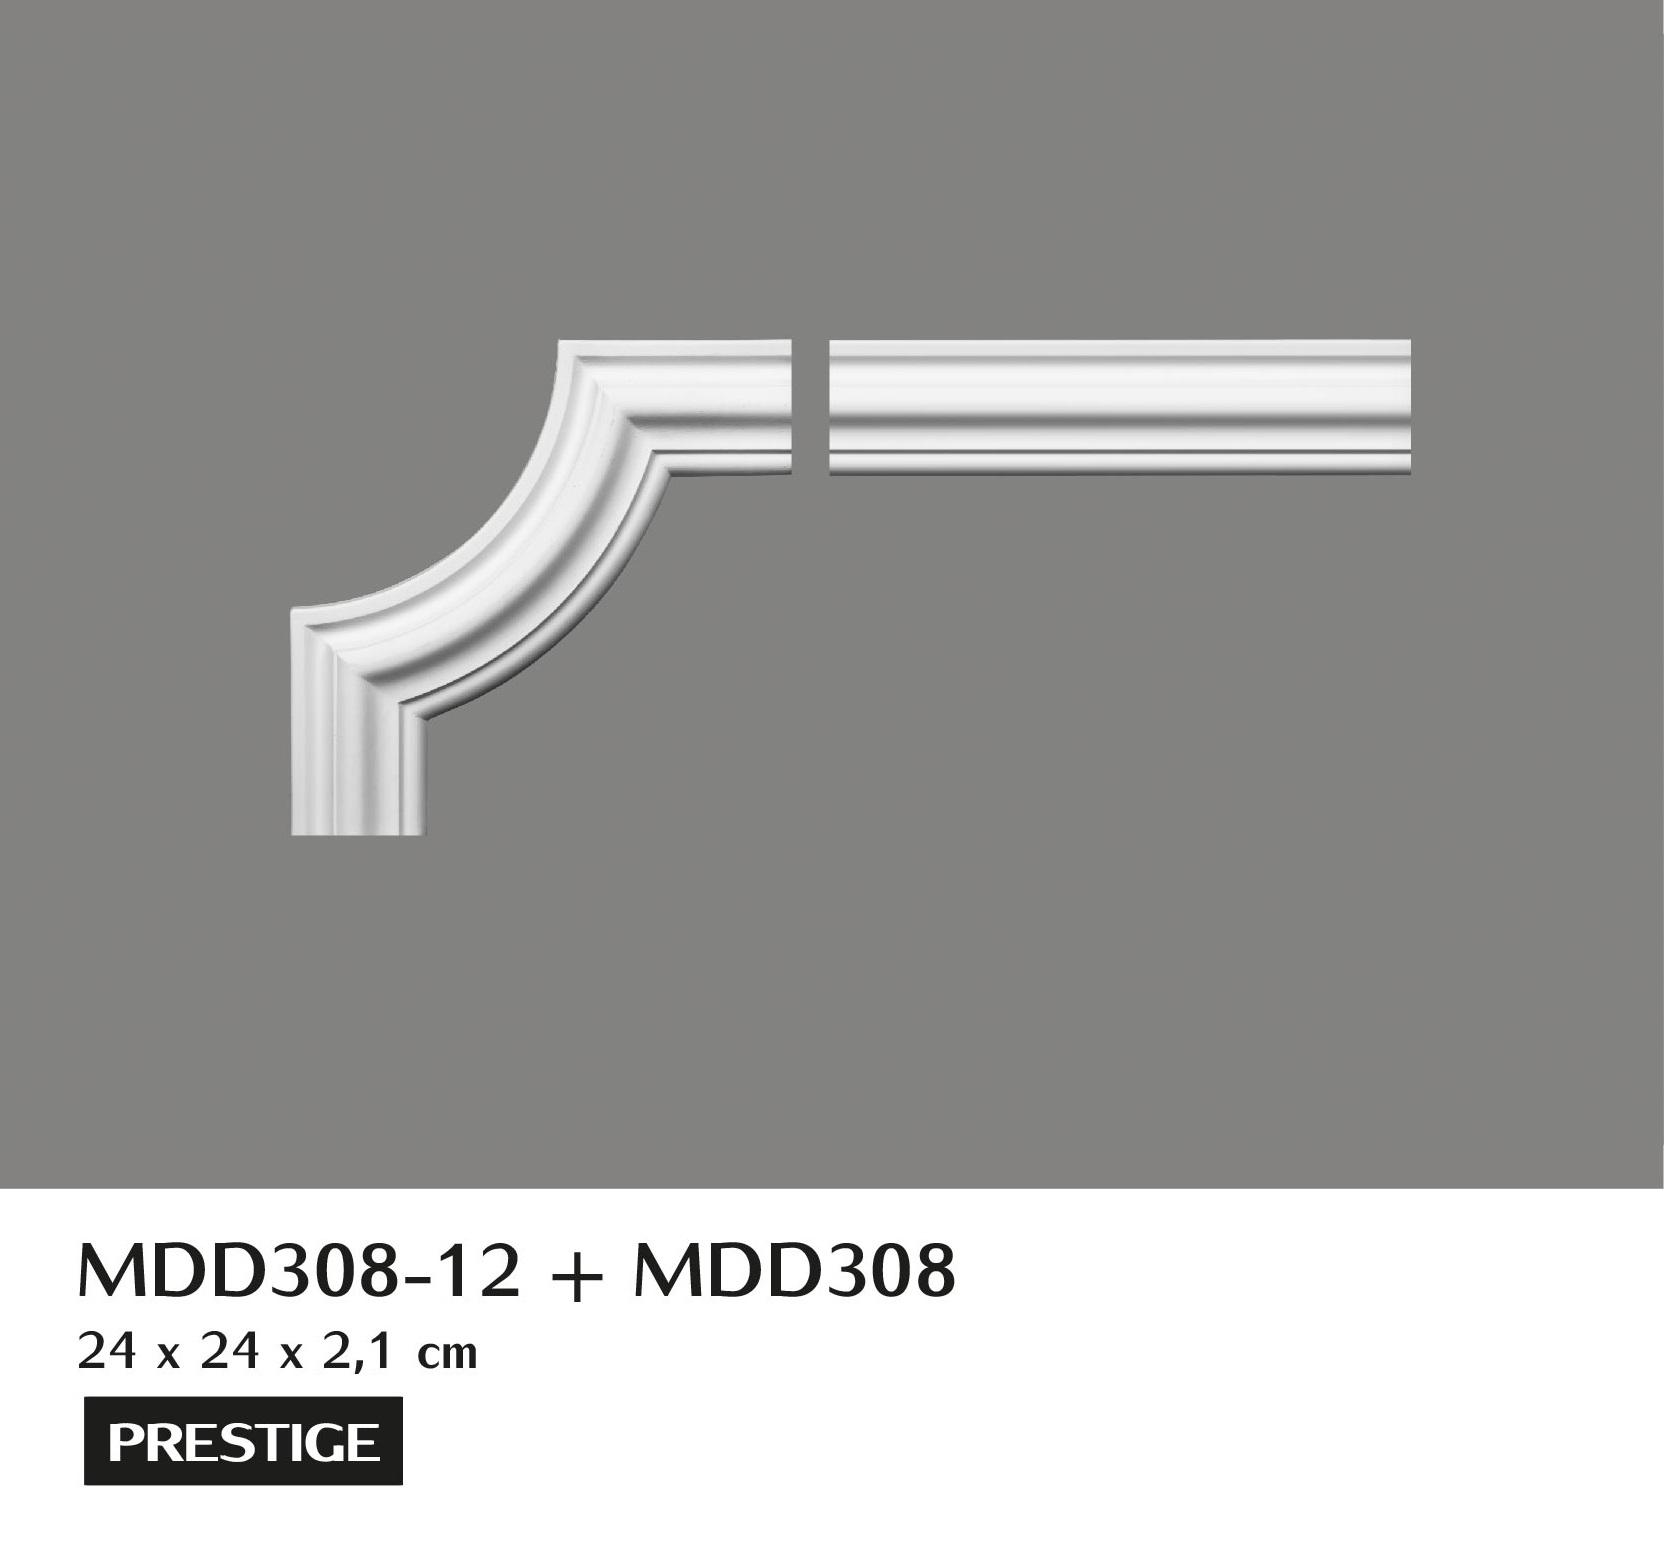 Mdd308 12